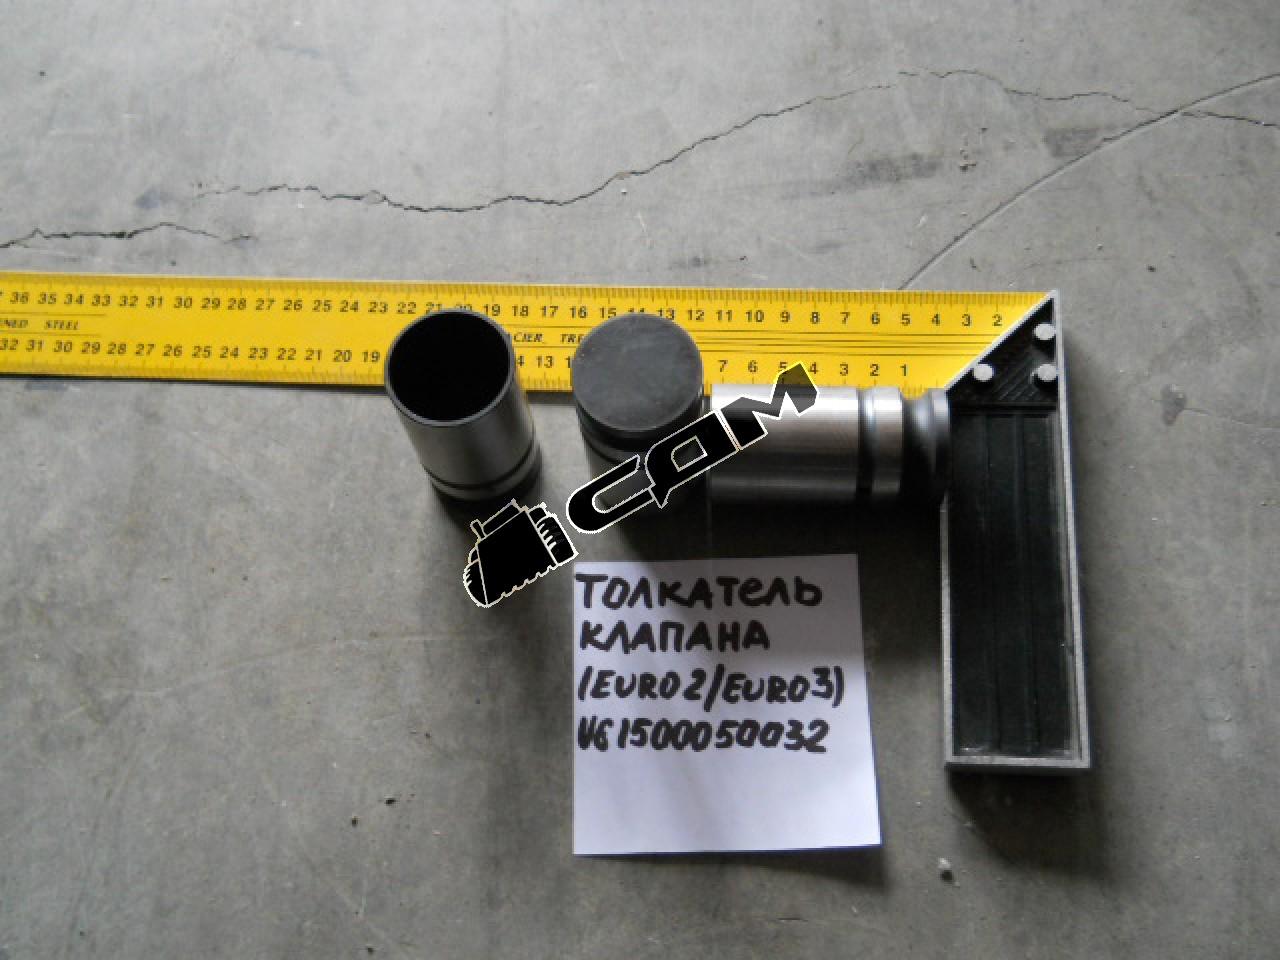 Толкатель клапана (Euro 2/Euro 3)  VG1500050032